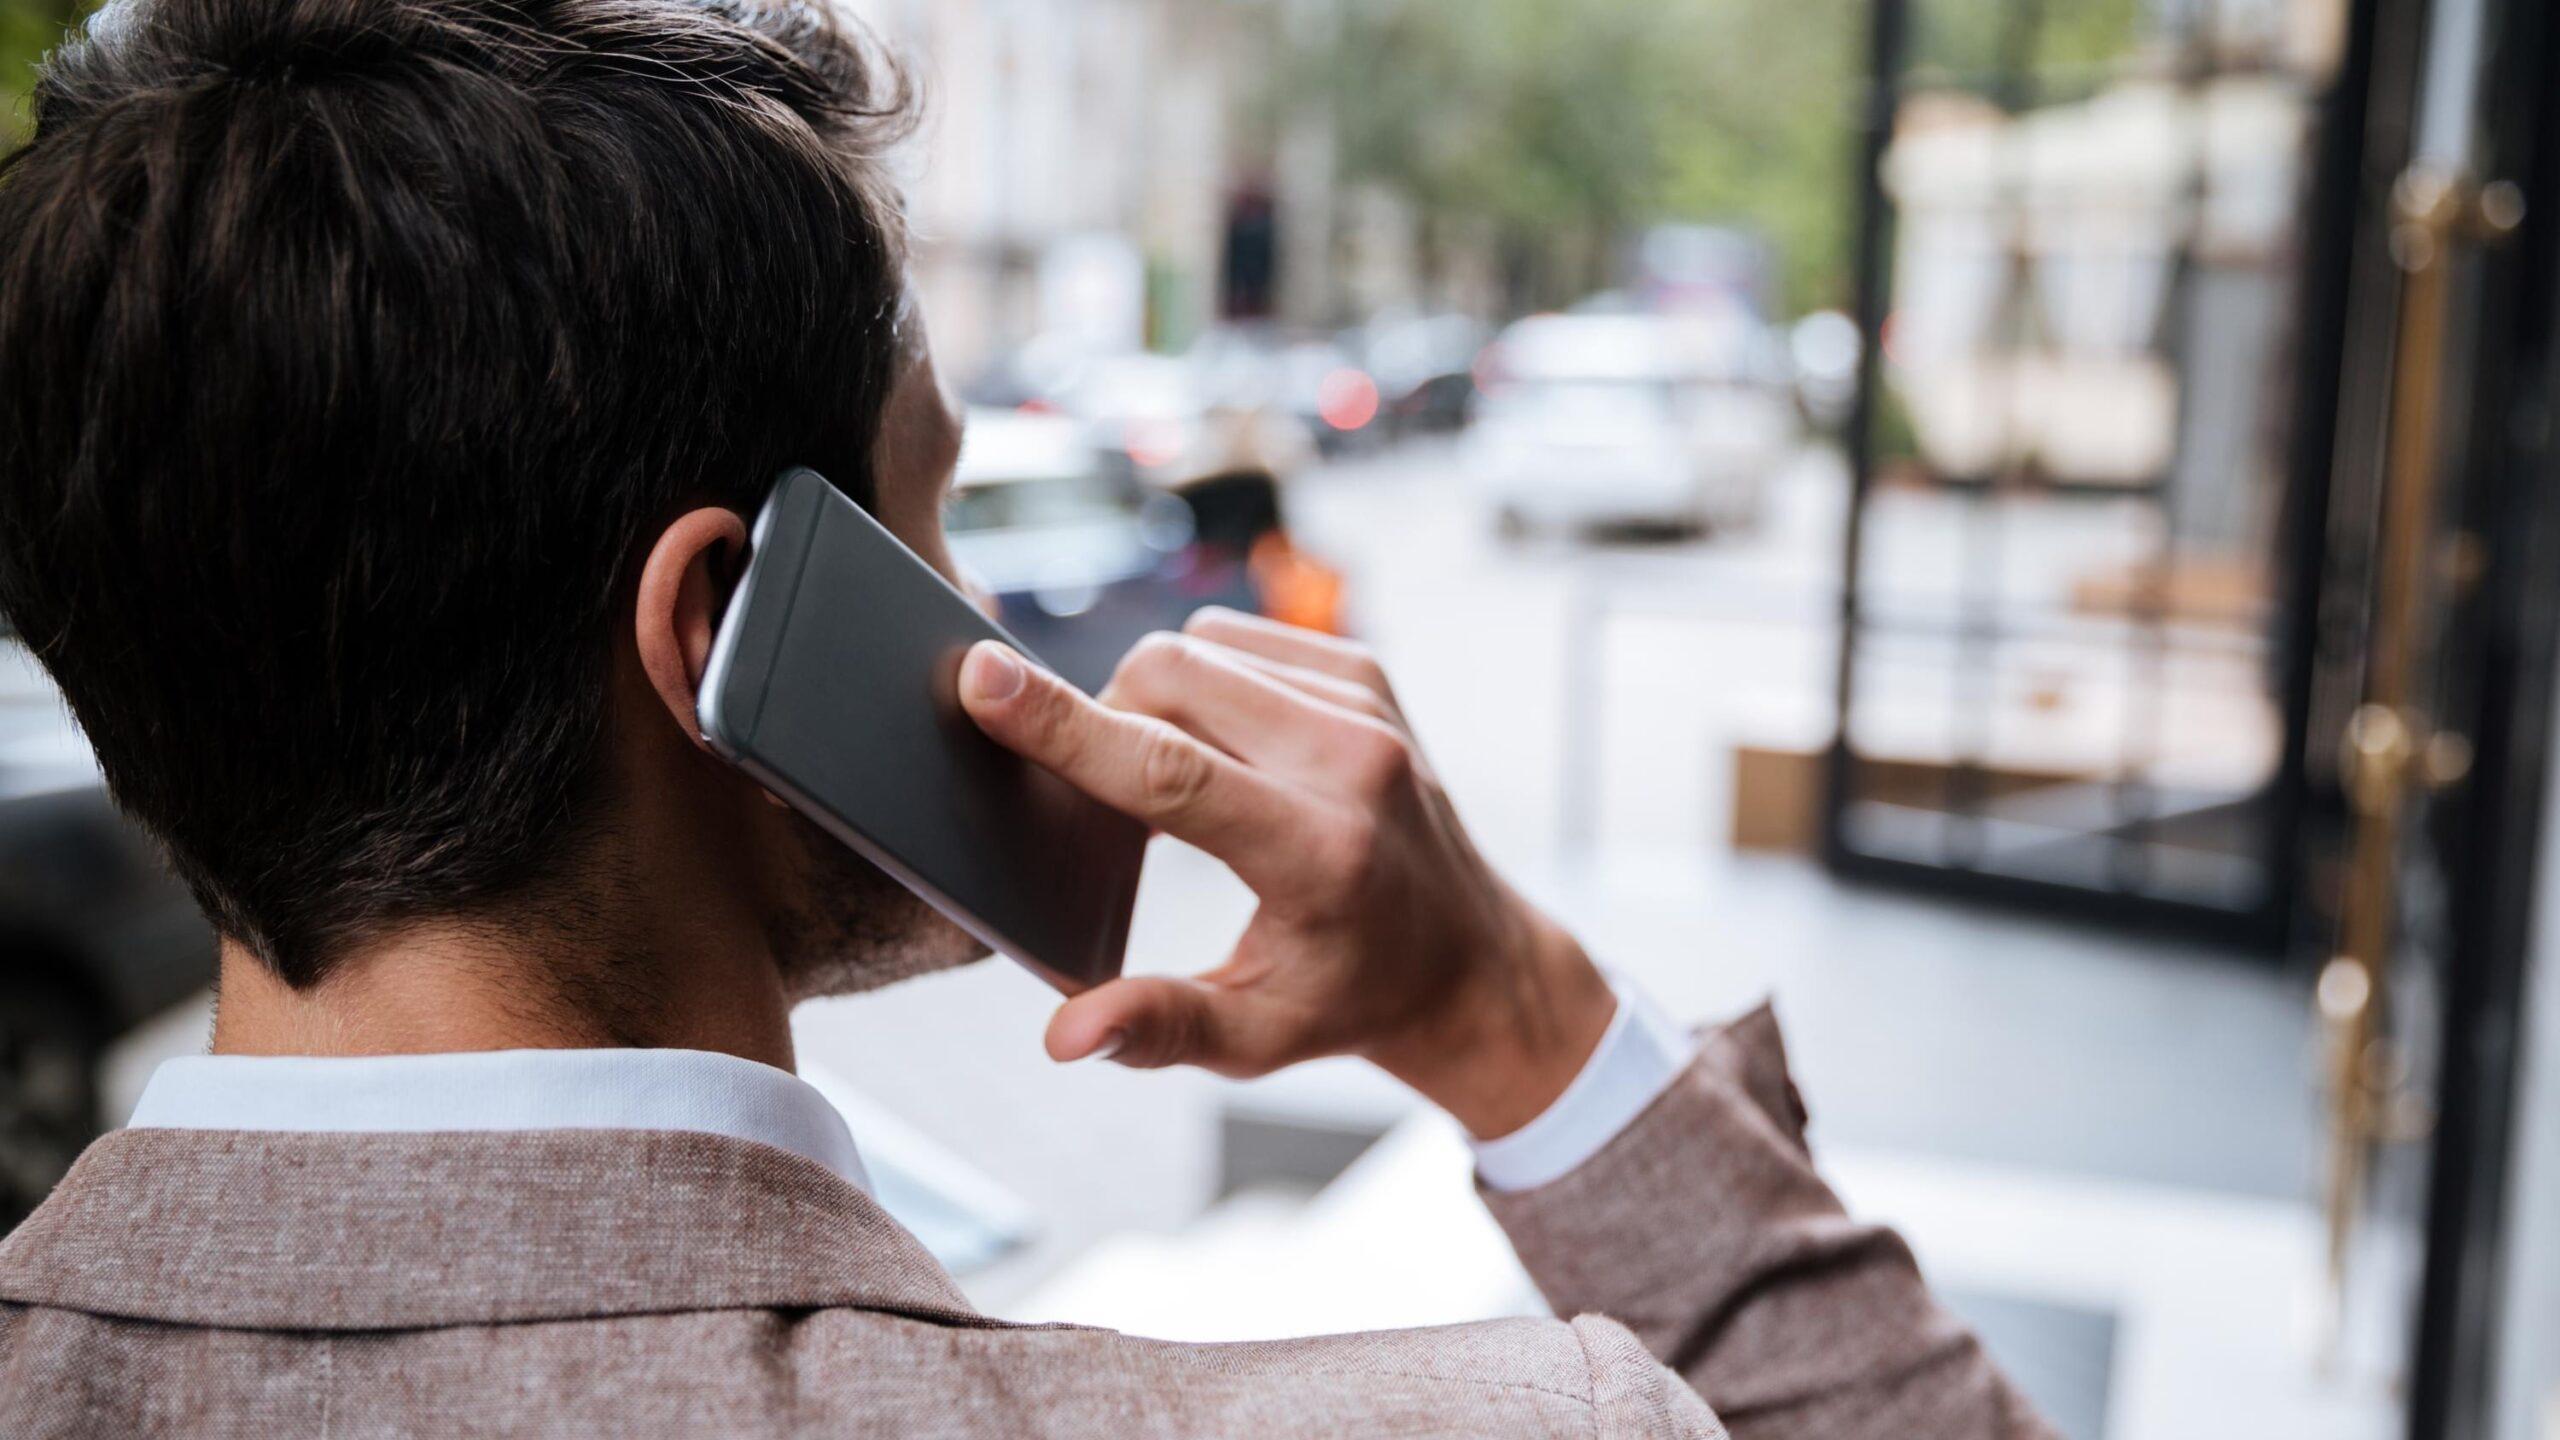 У Прозорих офісах Вінниці зявилися мобільні номери